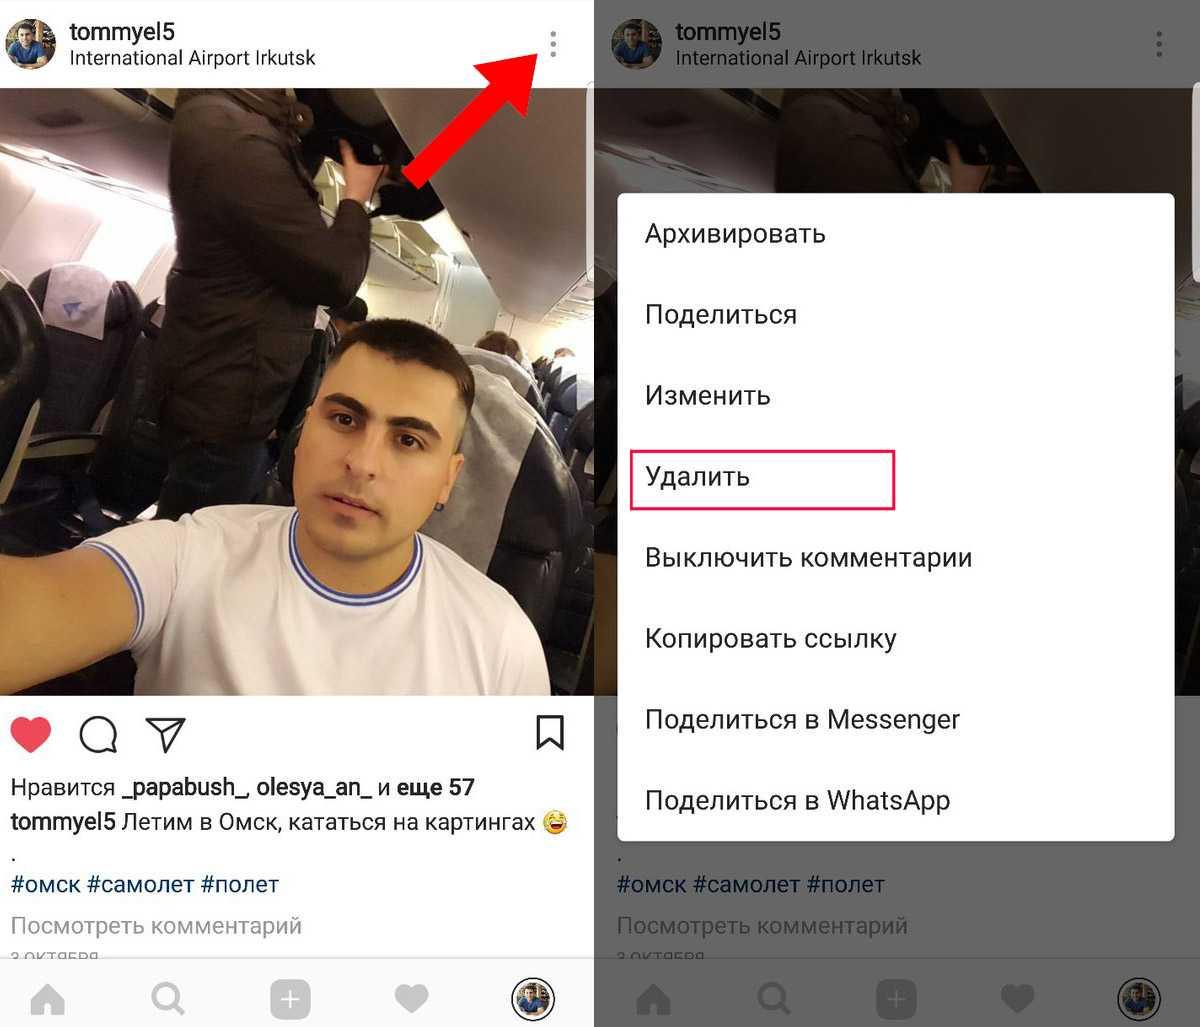 udalyaem foto v instagram cherez kompjuter vse posty srazu